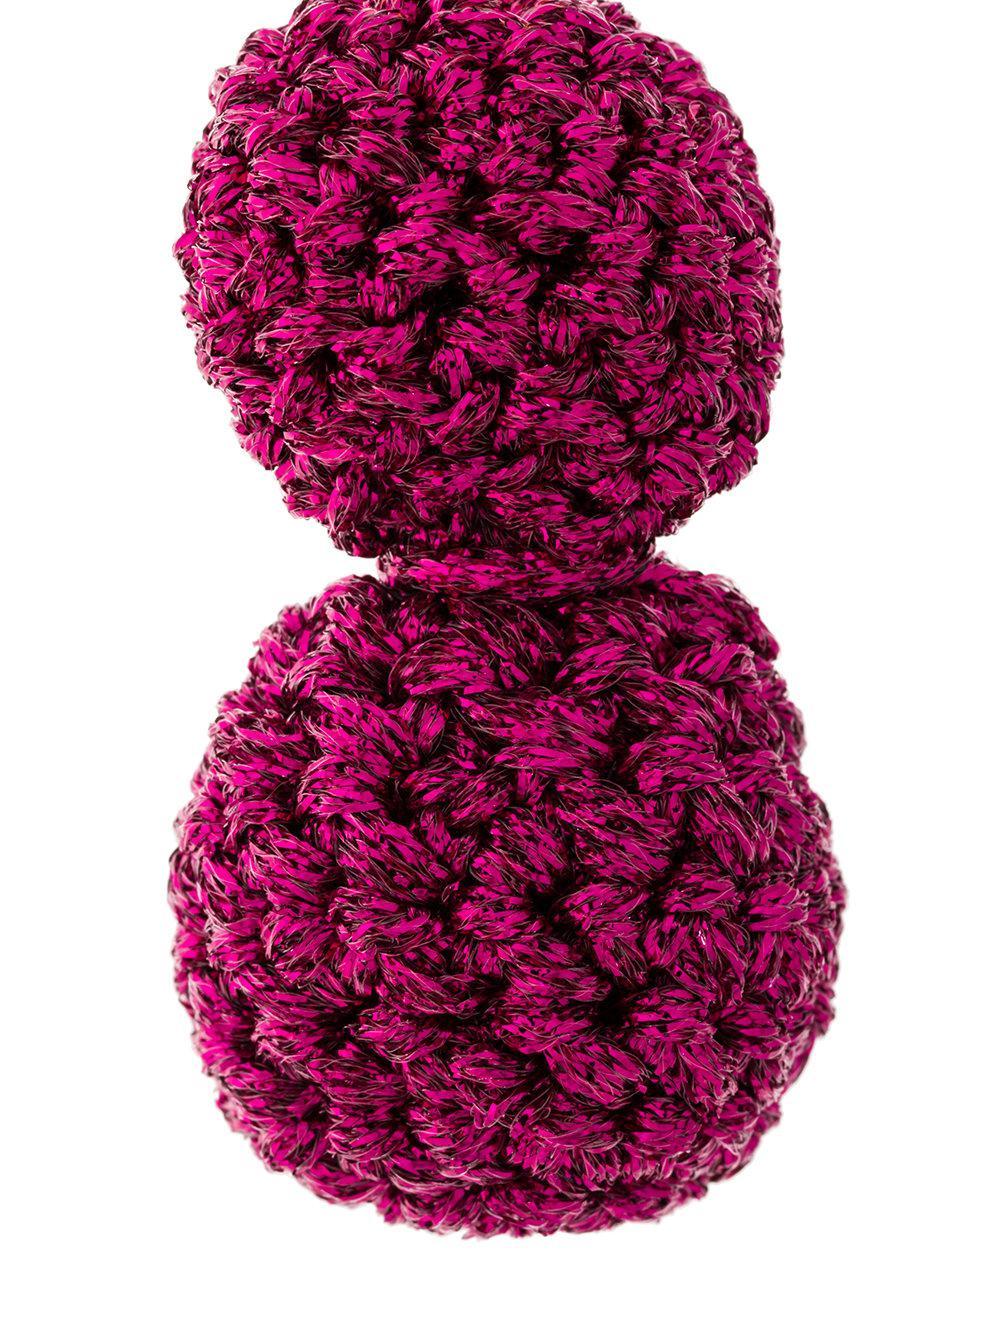 Lucy Folk Rock Formation earrings - Pink & Purple 3vCaYem